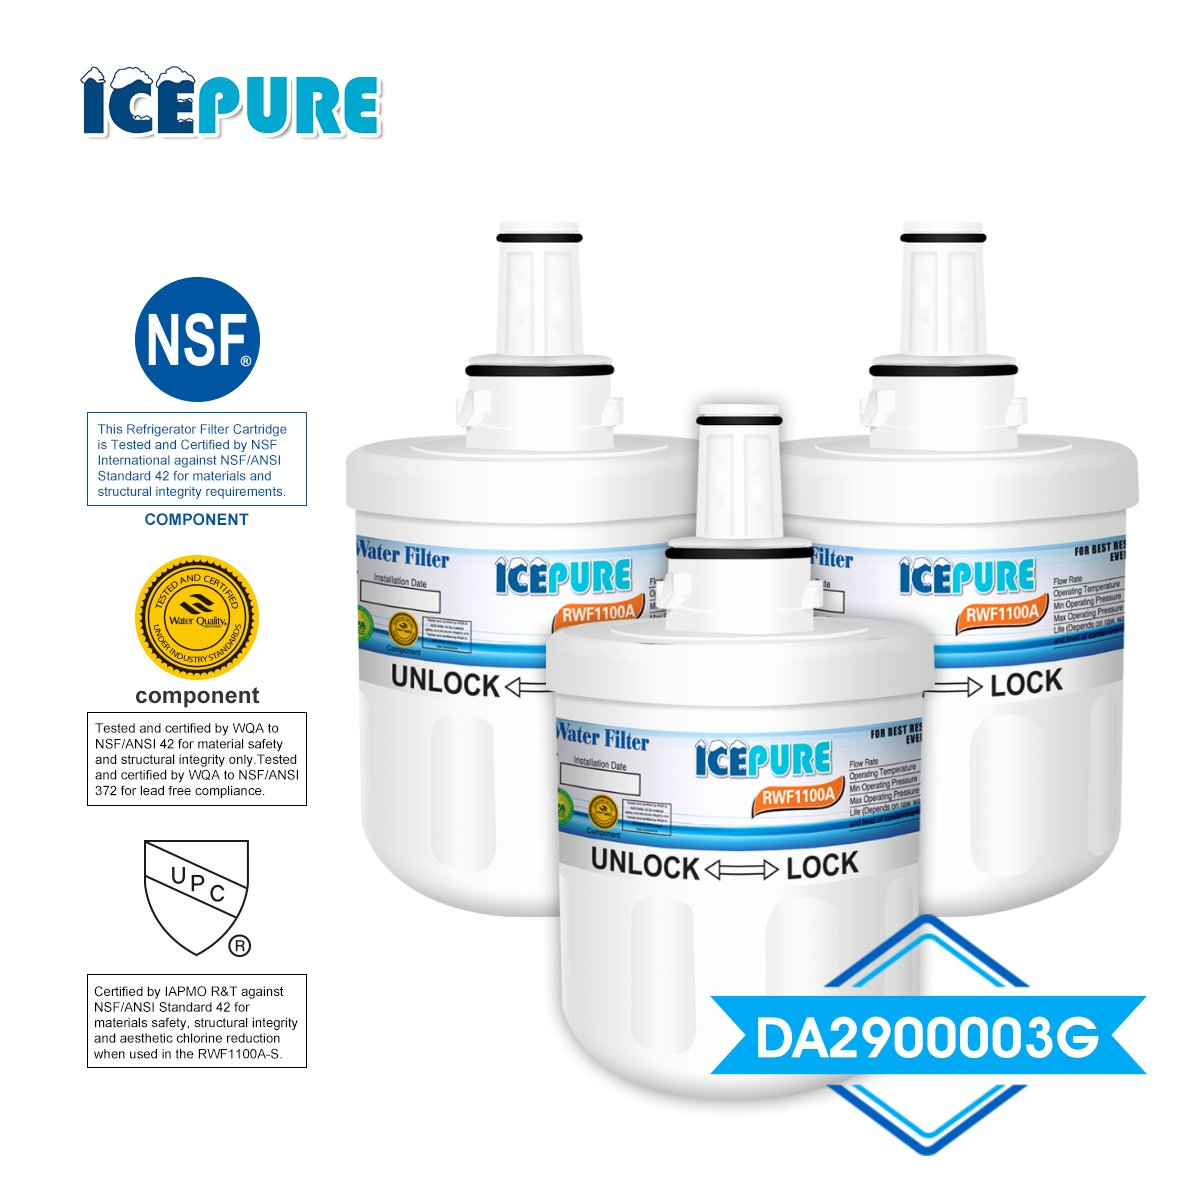 ICEPURE DA29-00003G Refrigerator Water Filter Replacement For Samsung DA29-00003G, DA29-00003B, HAFCU1, DA29-00003A Advanced Series, RWF1100A, 3PACK